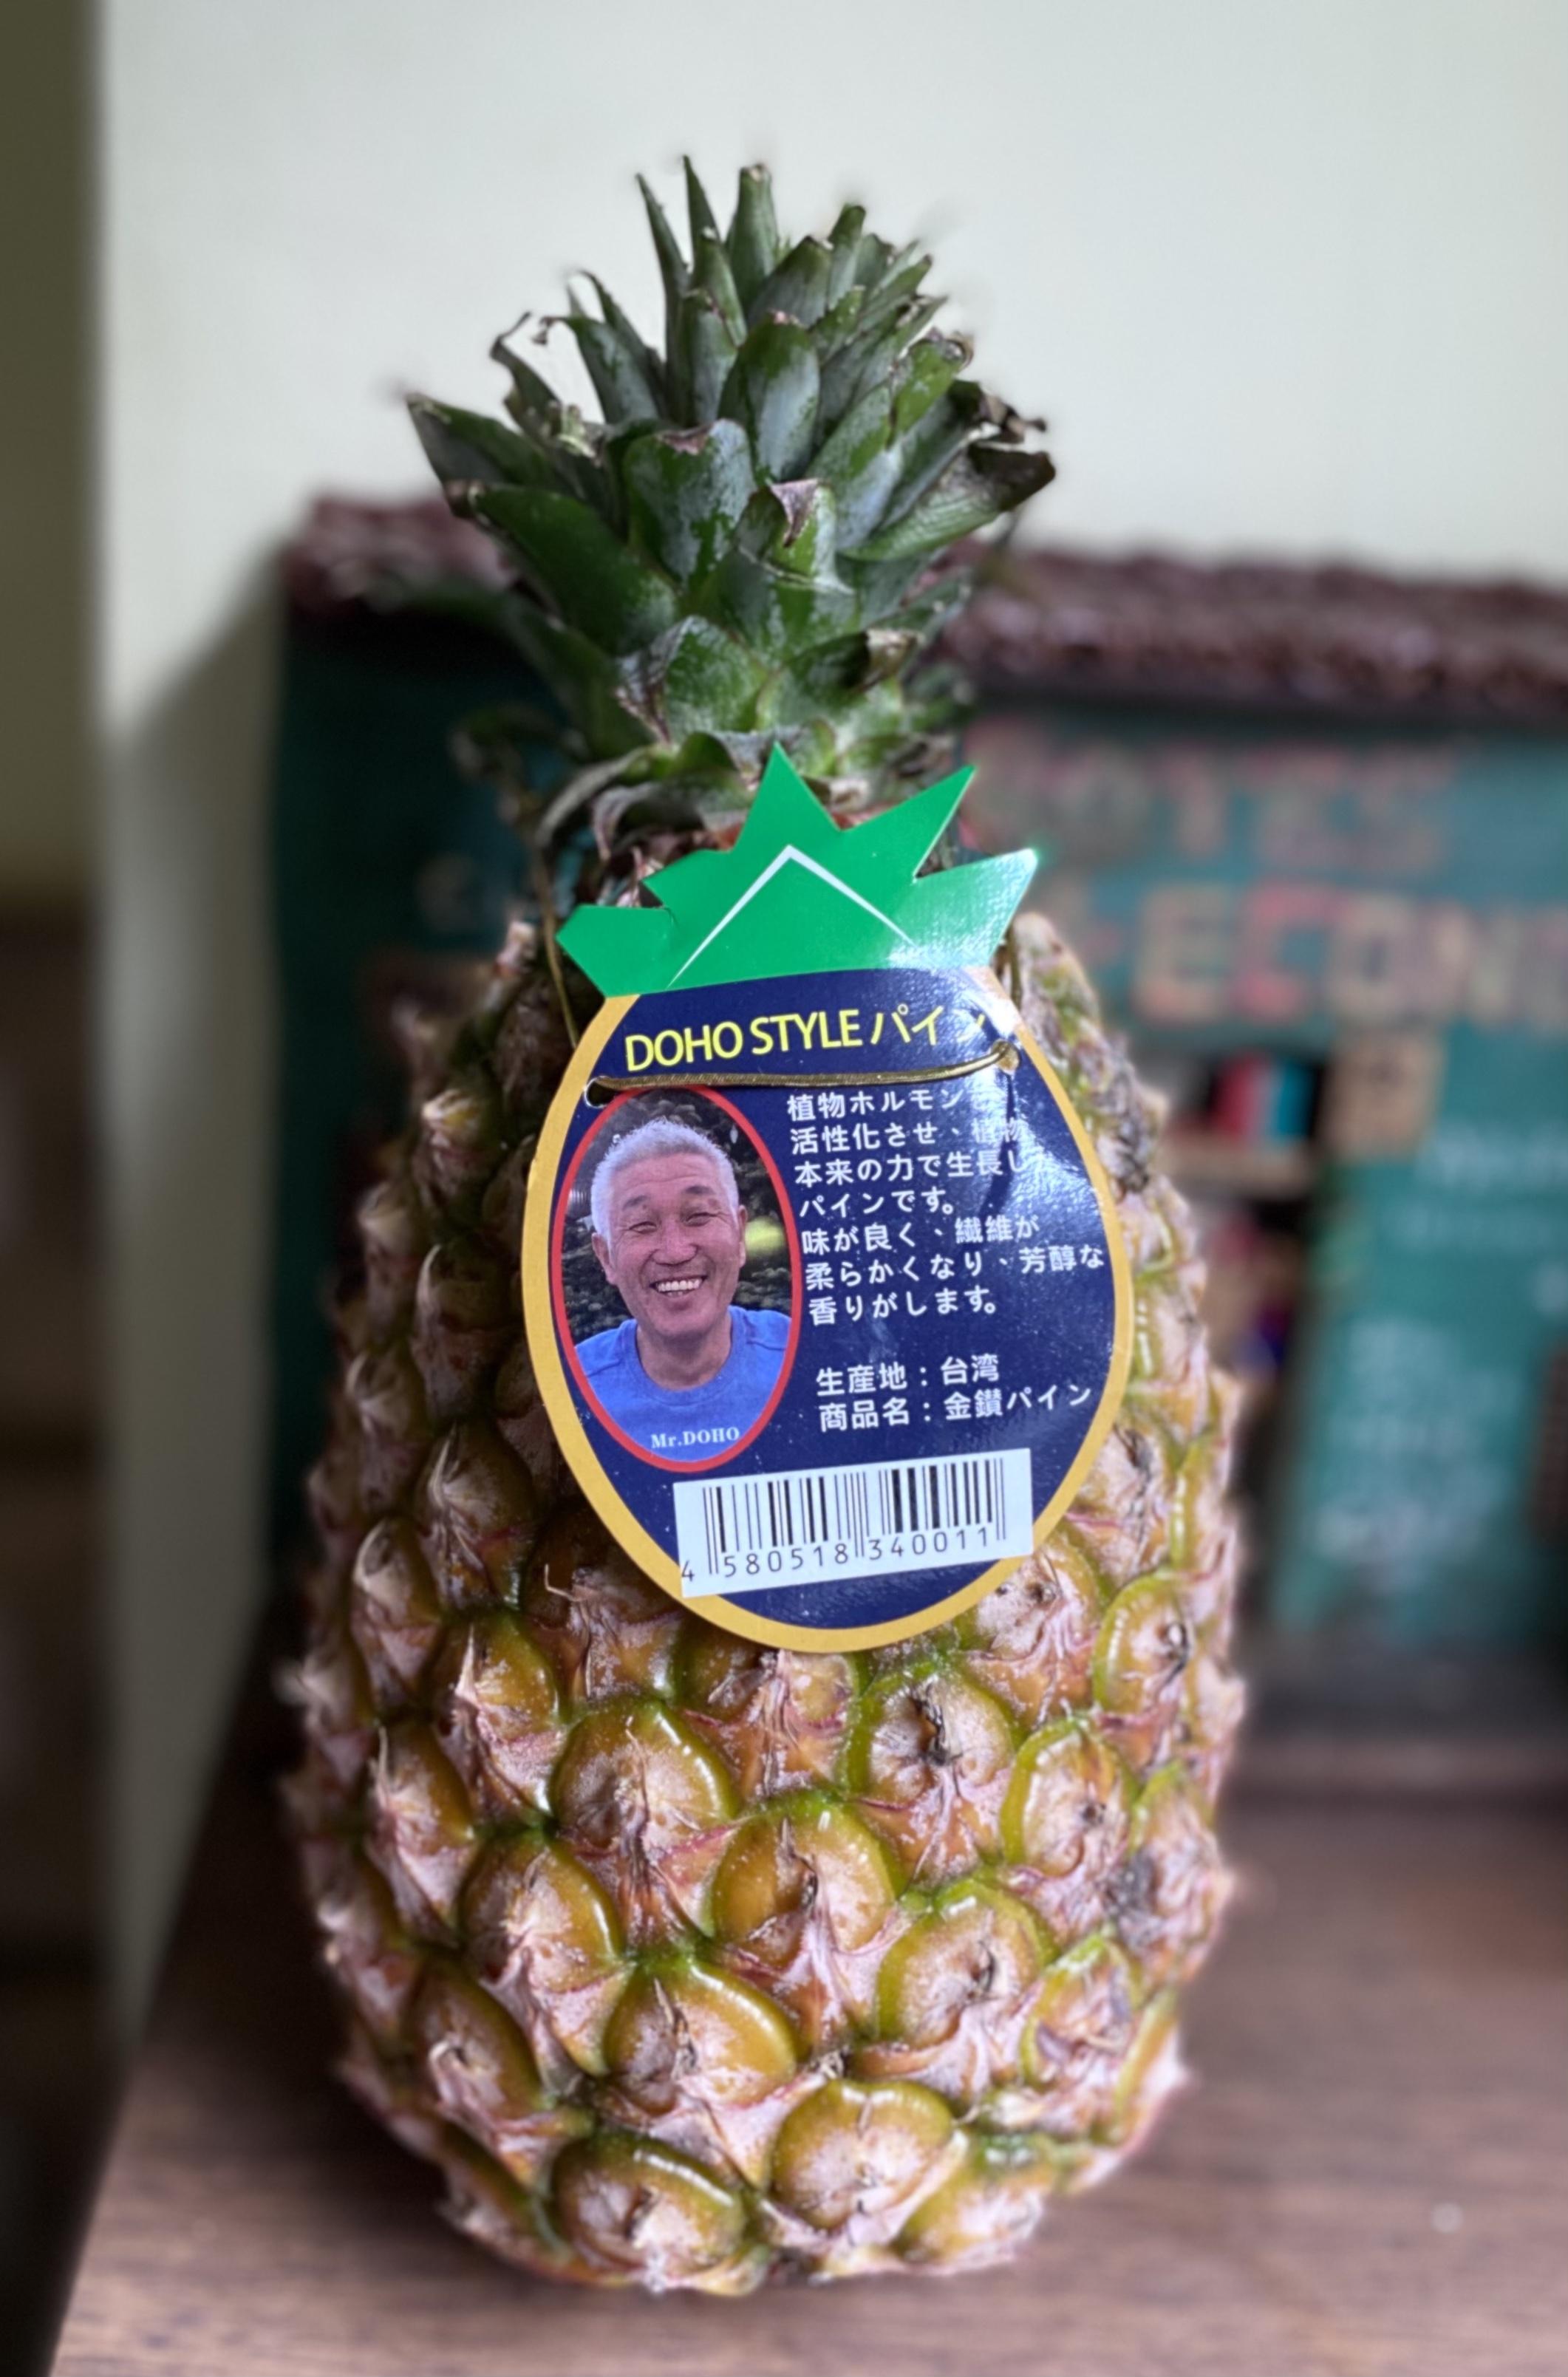 【bfスタッフのつぶやき】パイナップルの産地は?